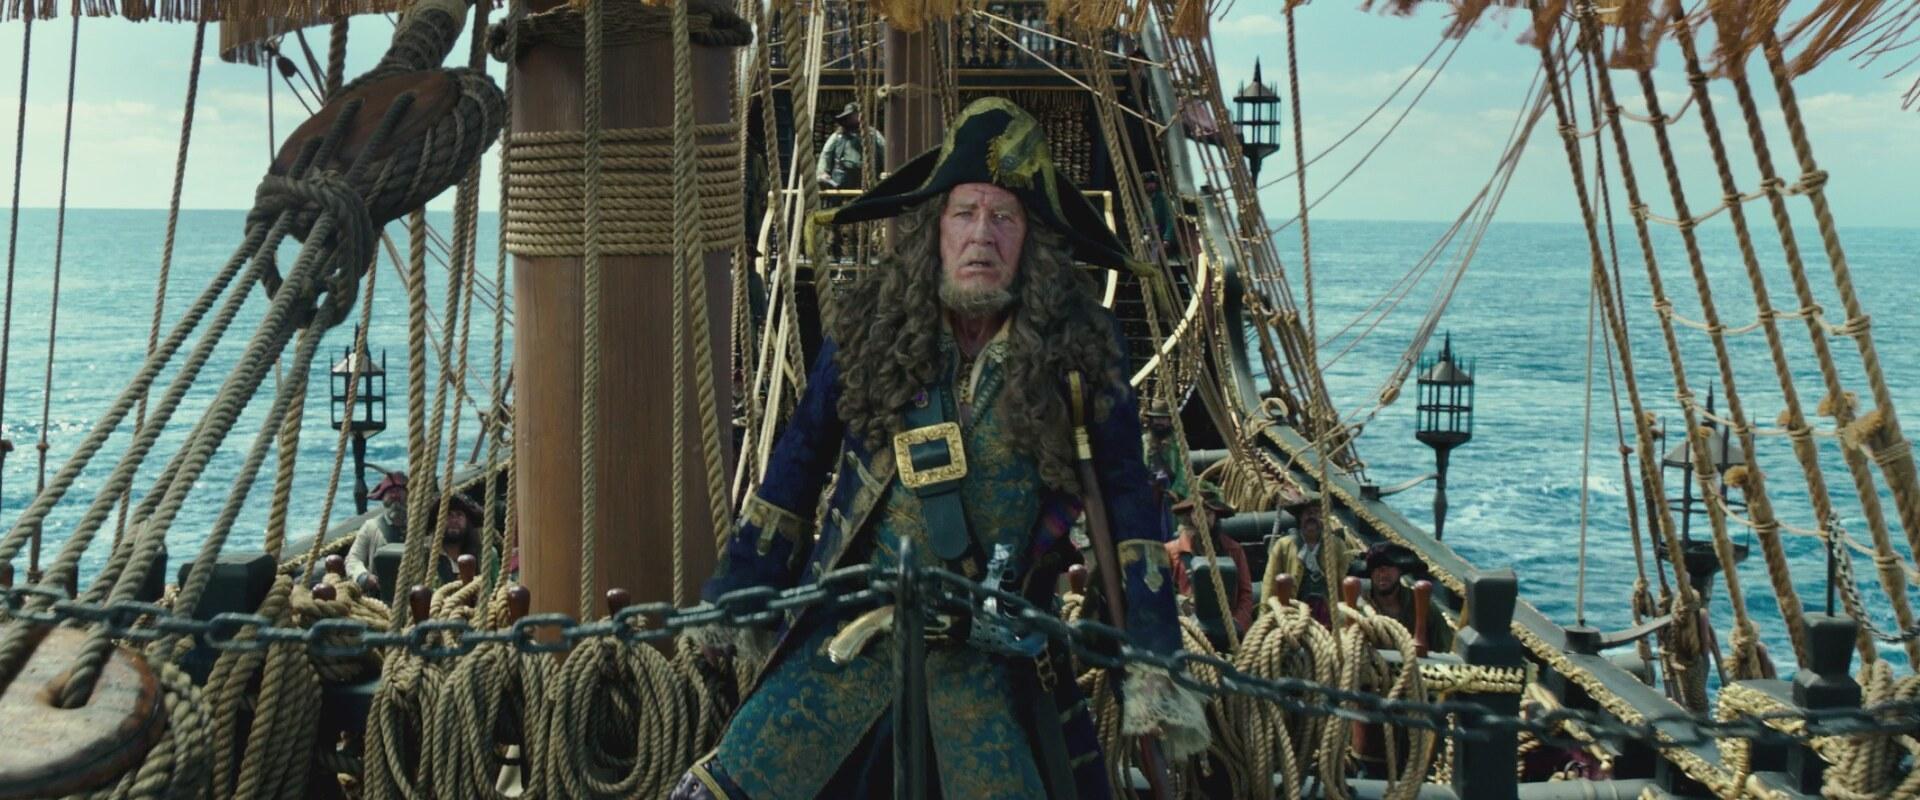 Пираты Карибского Моря 6   продолжение саги